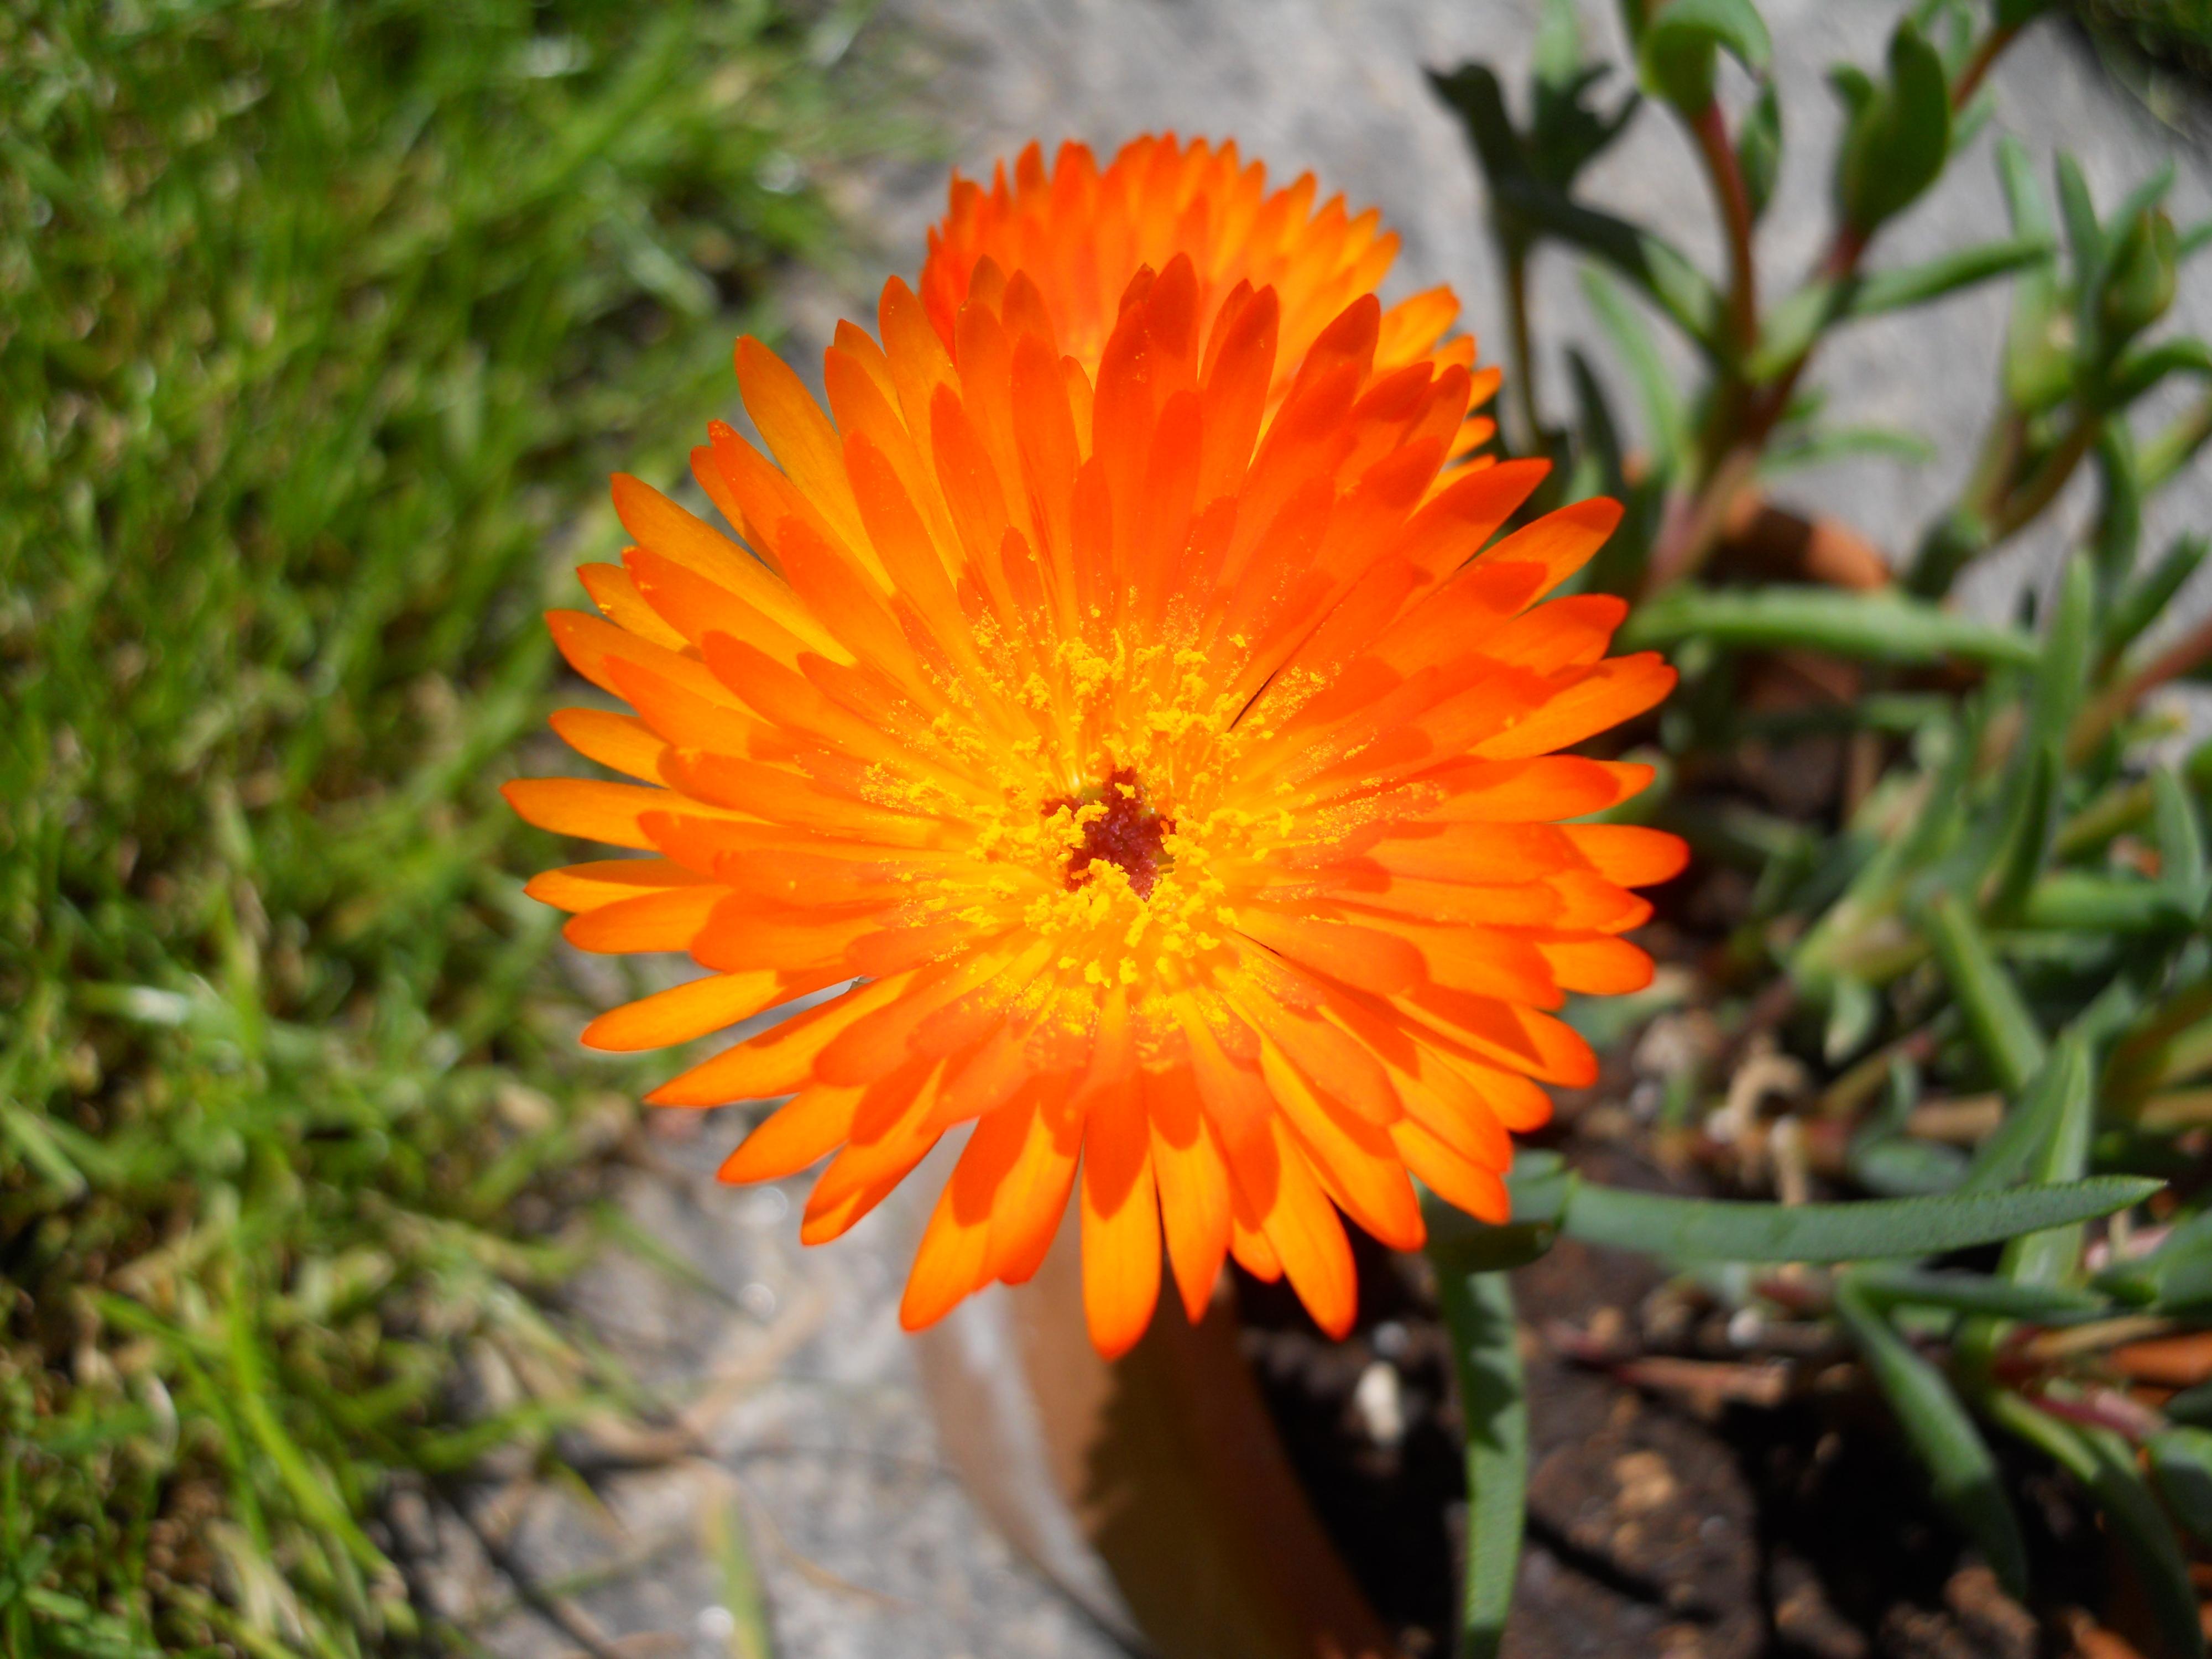 Come Si Chiamano I Fiori.File Aizoacea Dai Fiori Arancio 2 Jpg Wikimedia Commons